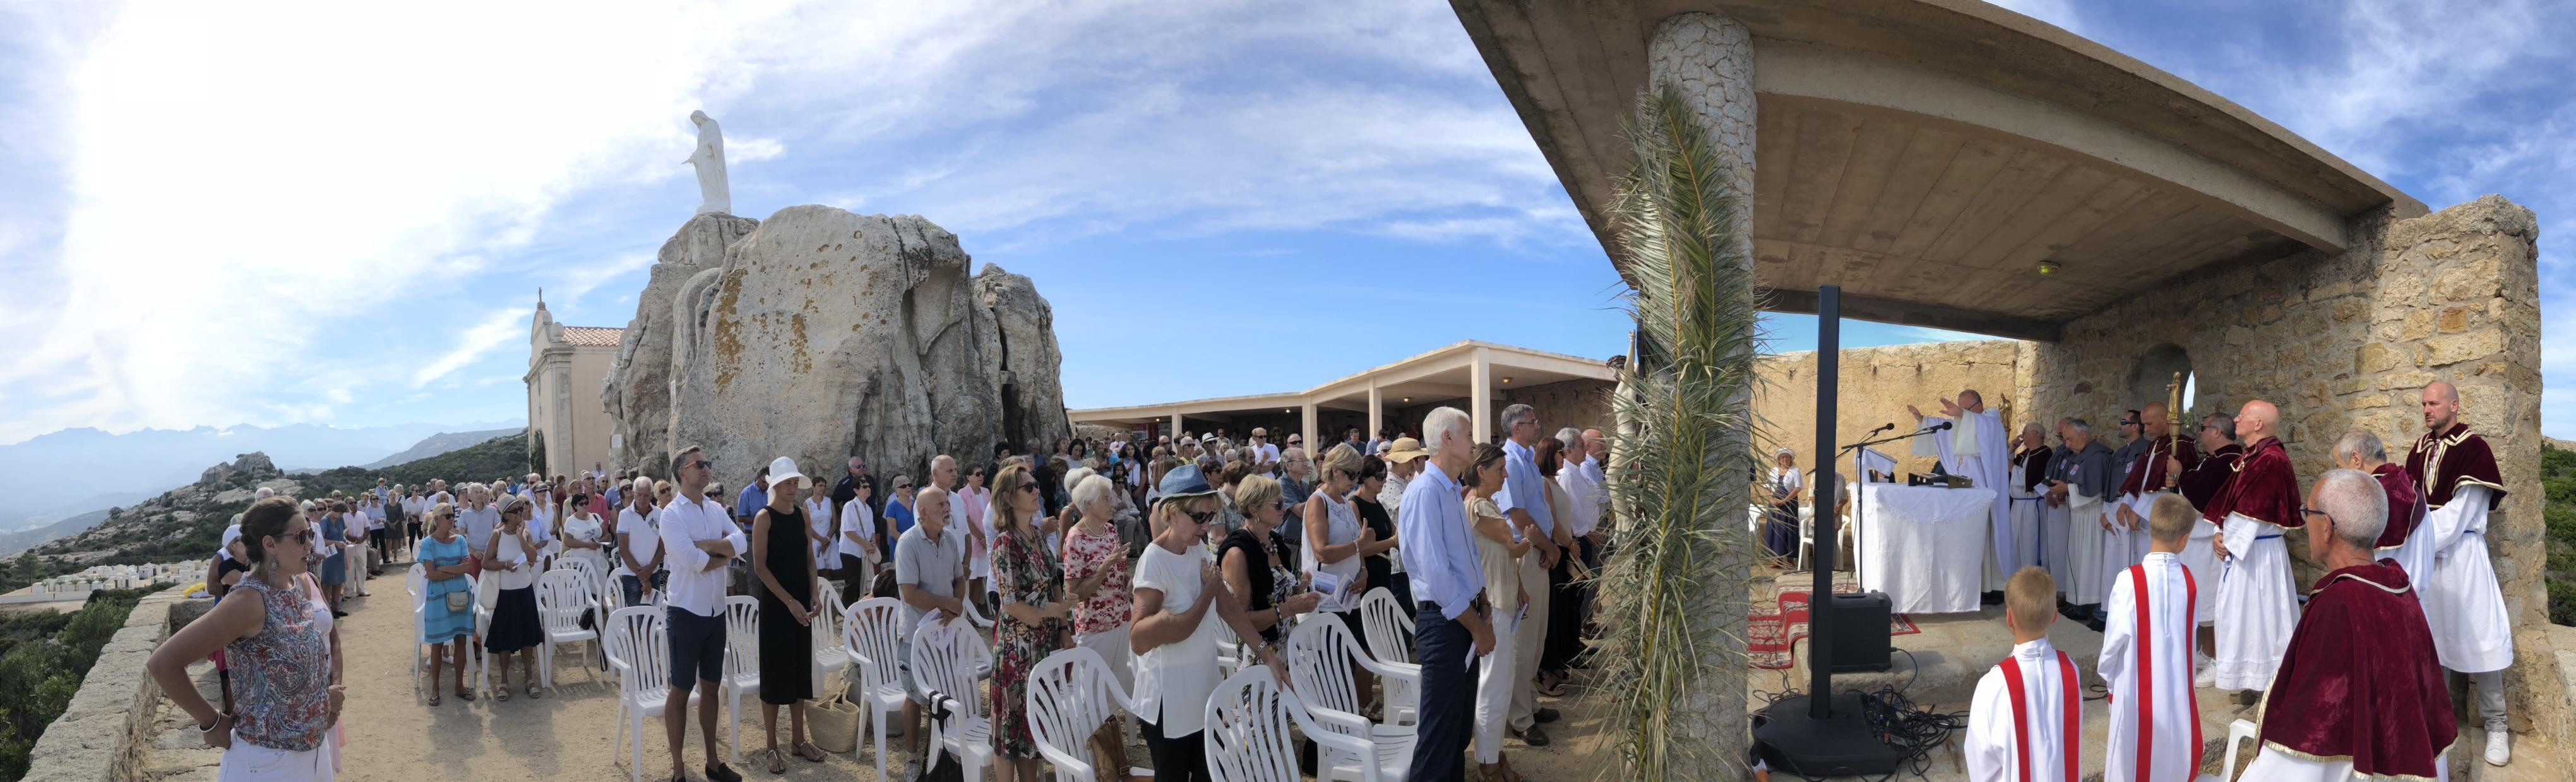 Notre Dame de la Serra à Calvi : Toujours la même ferveur